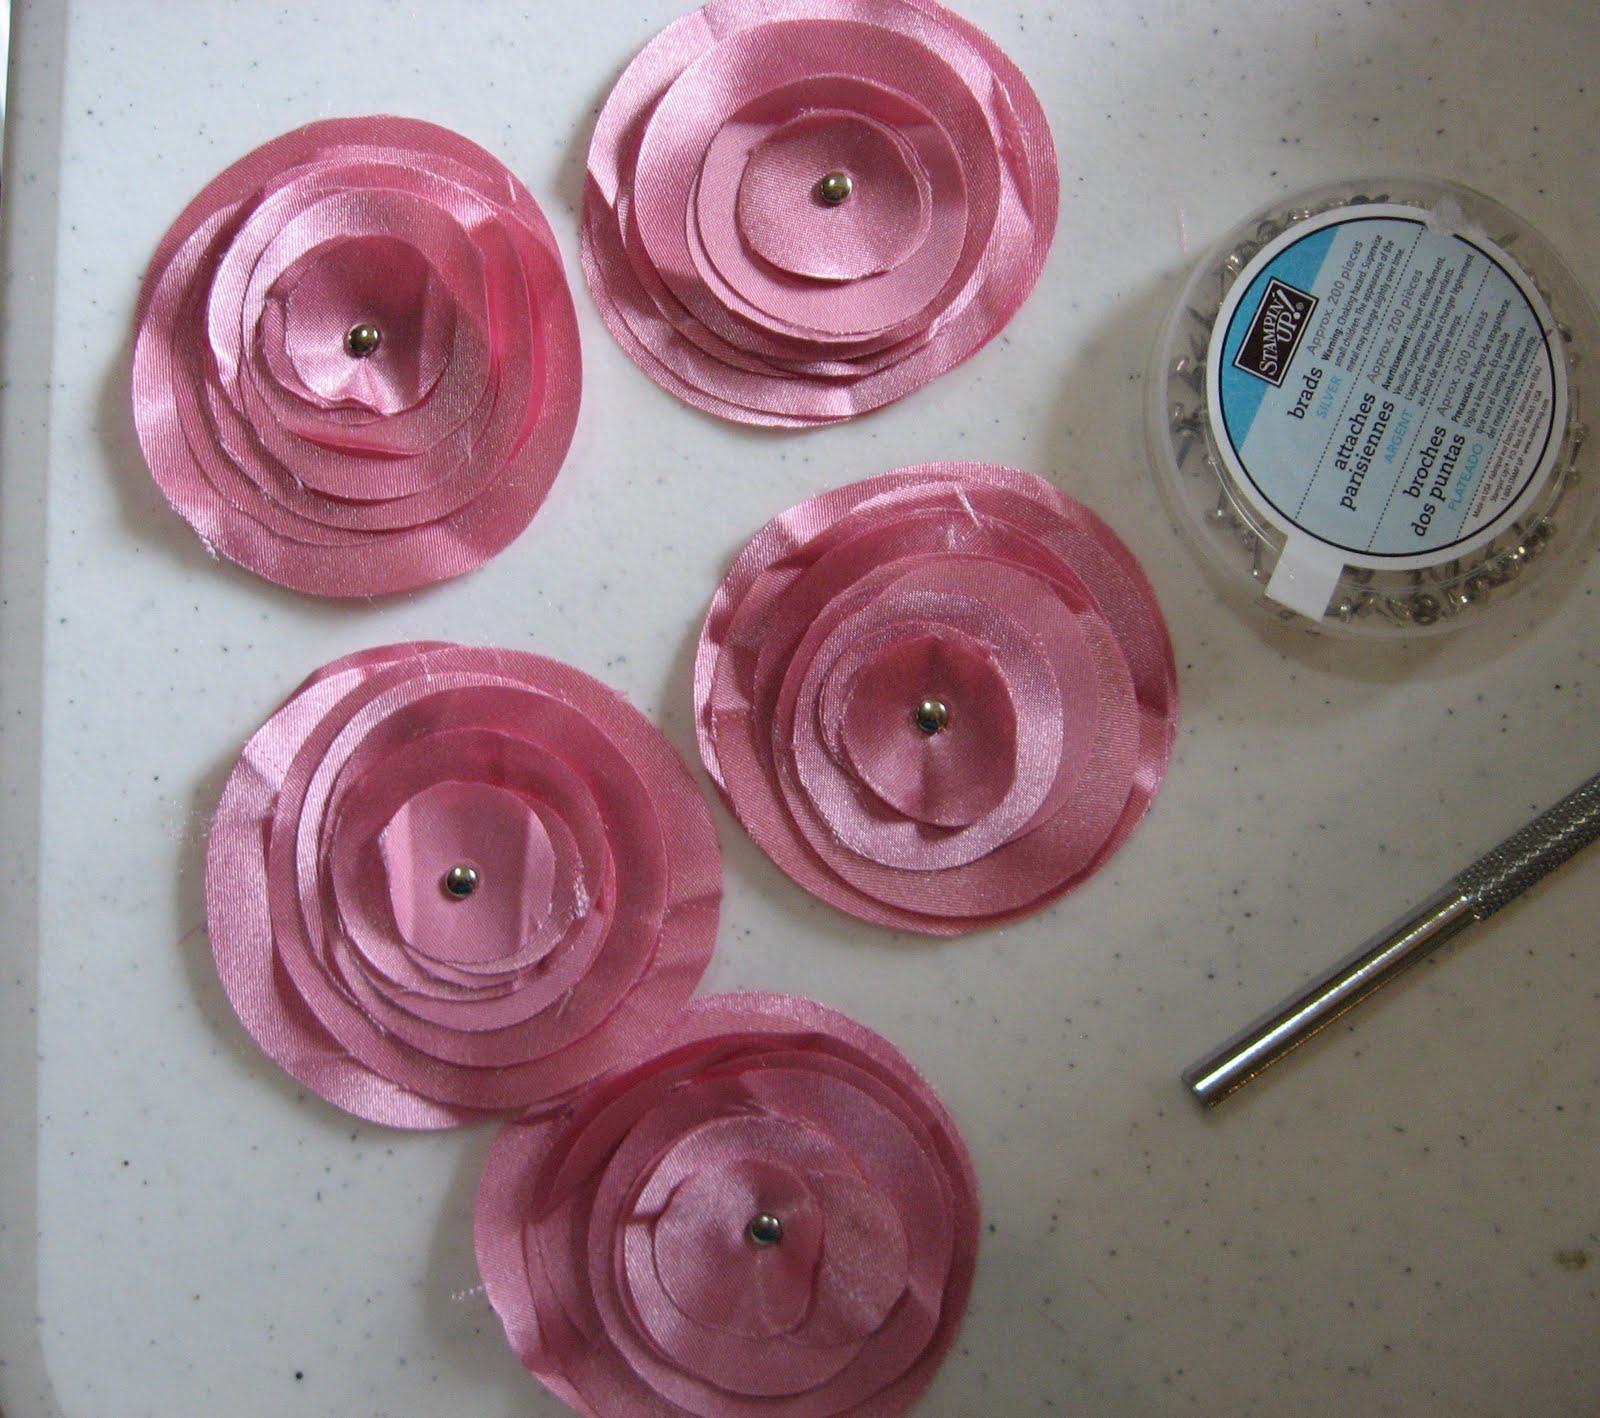 http://4.bp.blogspot.com/_RCLHjvgk4D0/TAlqOsomp-I/AAAAAAAABgI/Dqvnp6989Uk/s1600/flower5.JPG